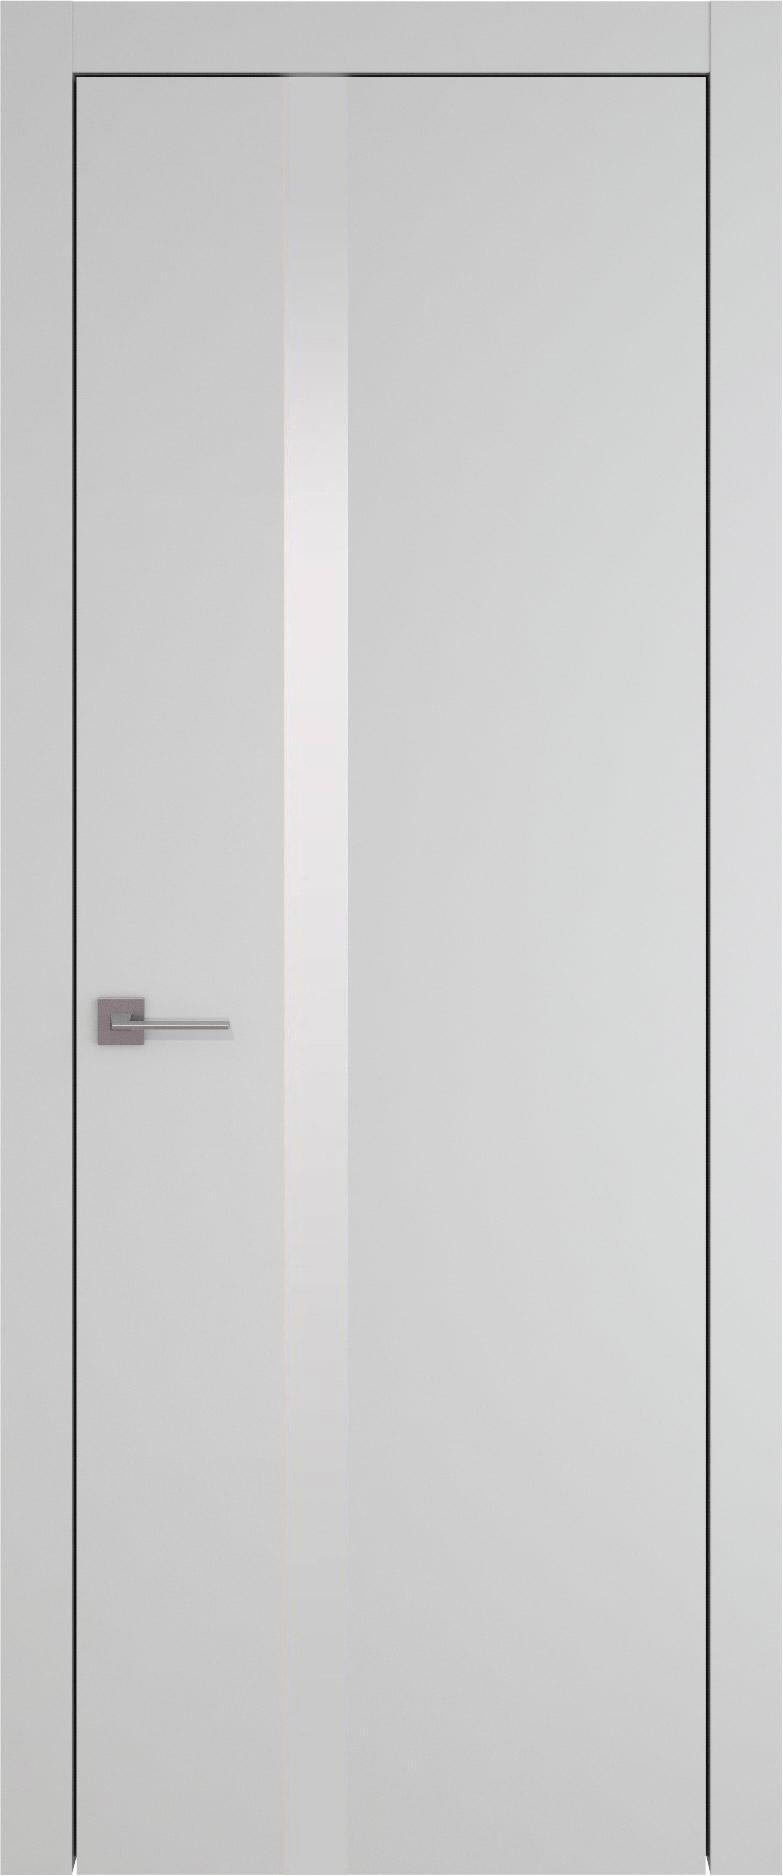 Tivoli Д-1 цвет - Серая эмаль (RAL 7047) Без стекла (ДГ)